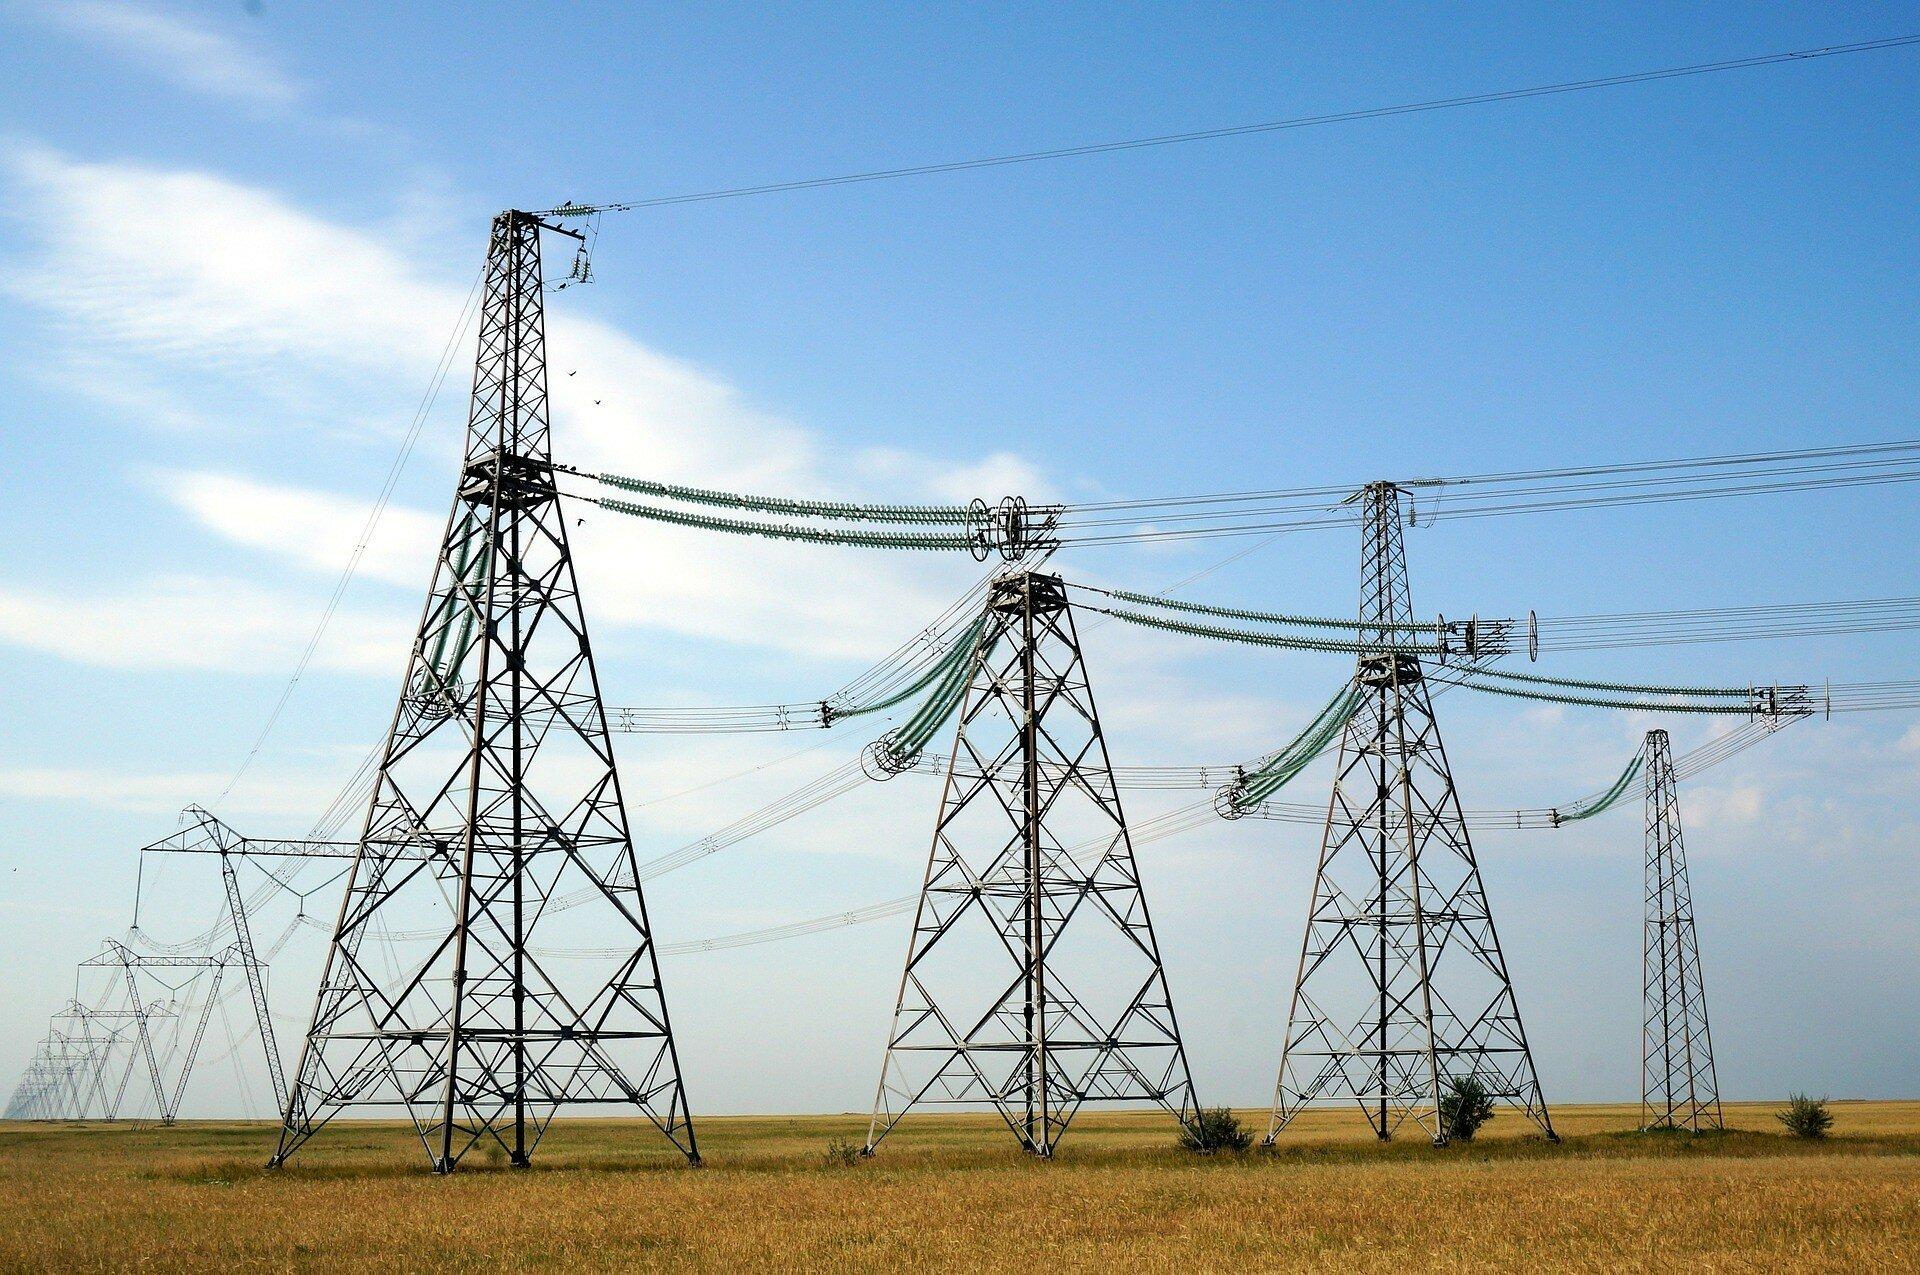 НКРЭКУ одобрила повышение тарифов для Укрэнерго - Бизнес и Финансы - Курс  Украины